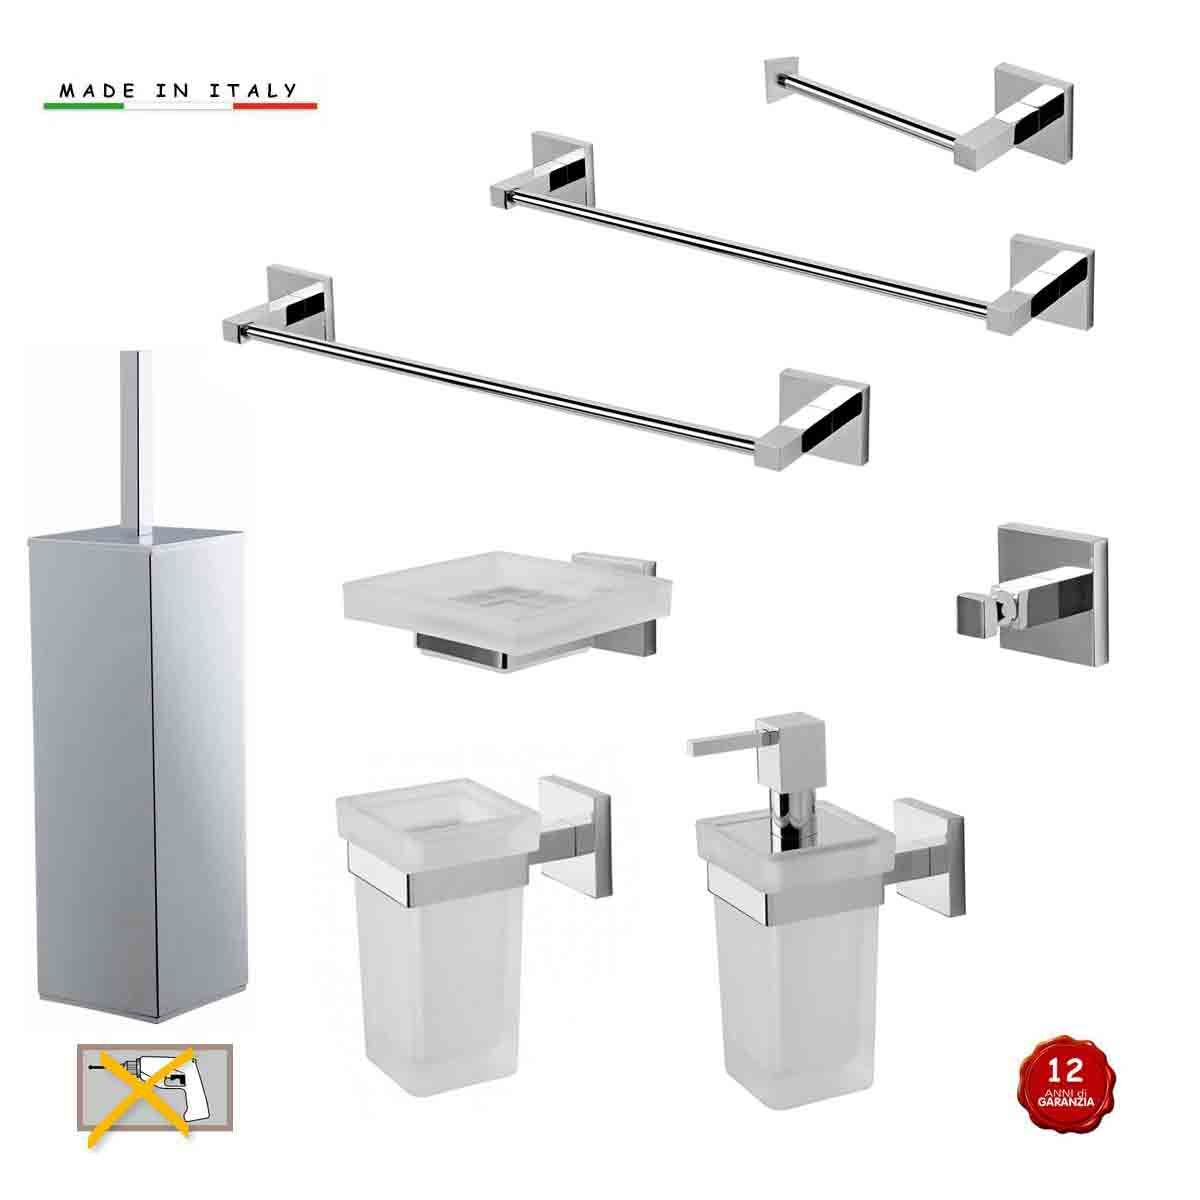 Accessori Bagno Linea G.Kit Accessori Bagno Serie Gea 8 Pezzi Lineag